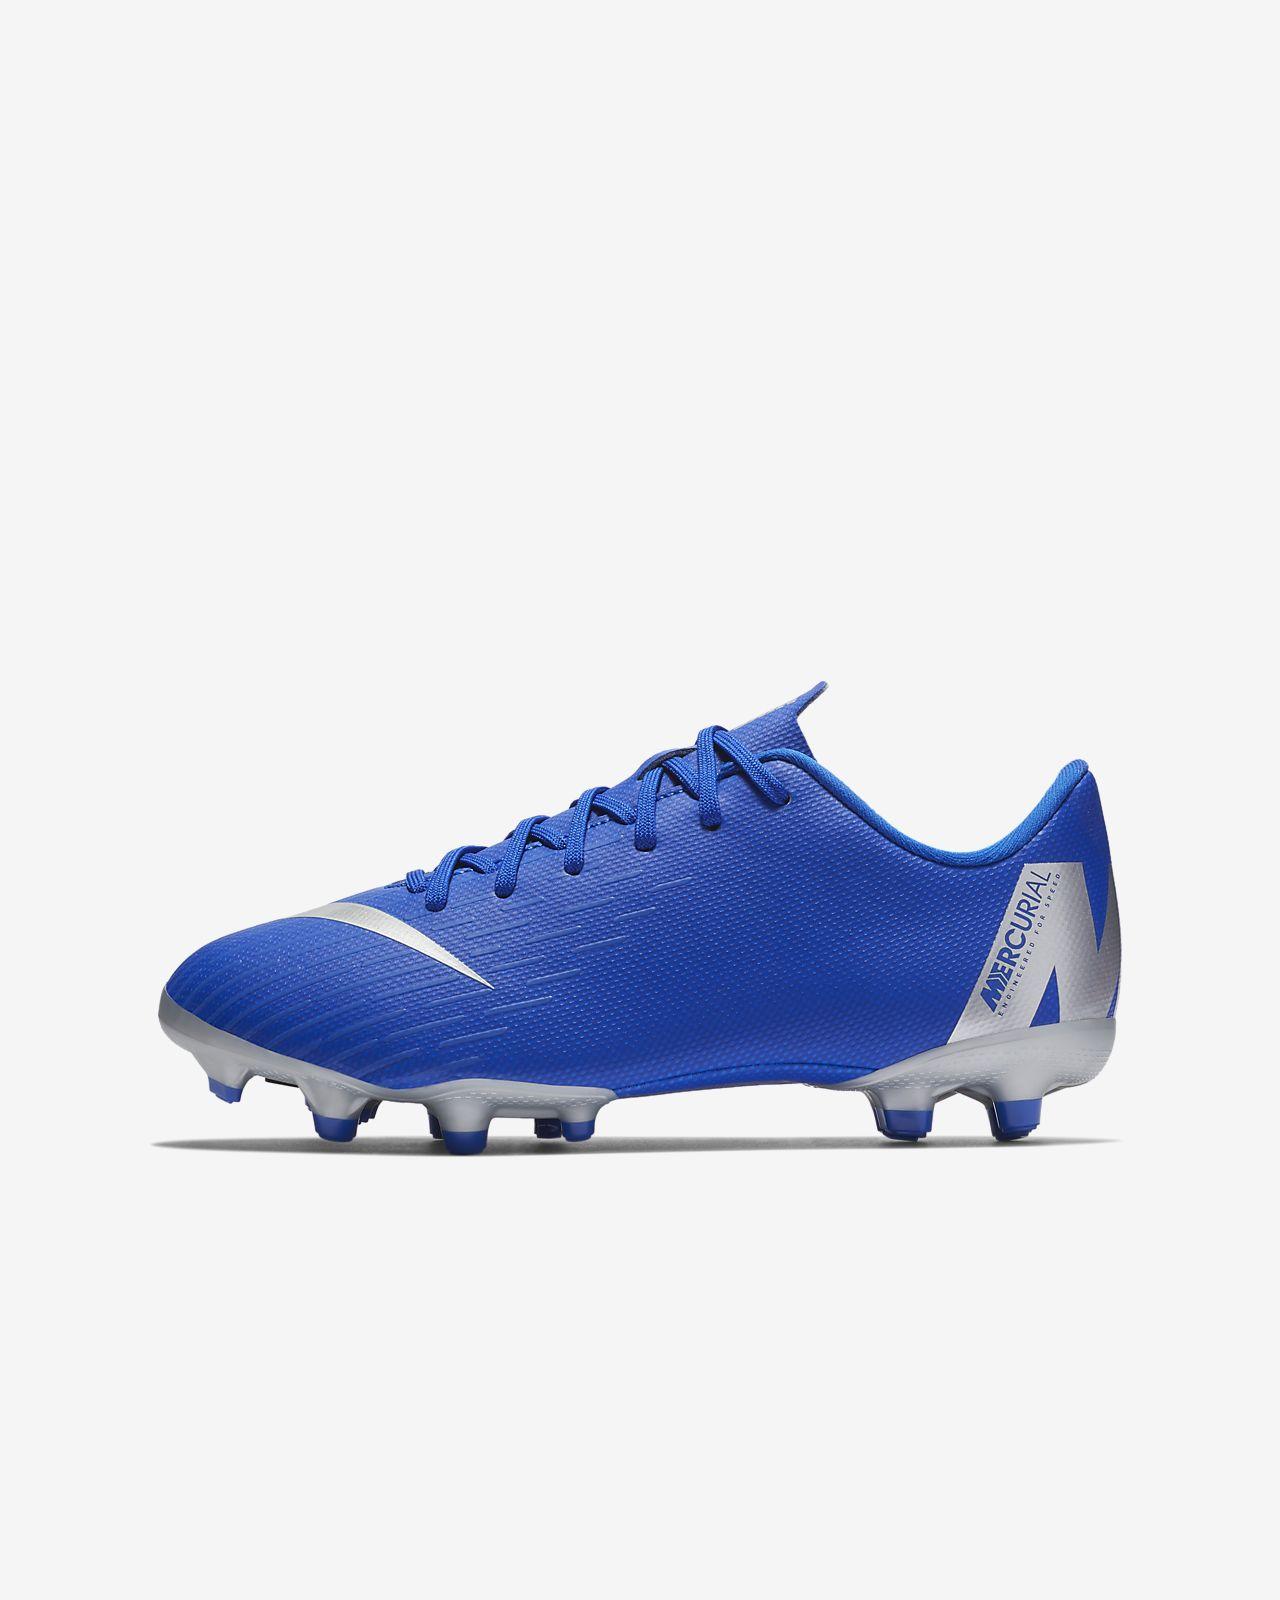 quality design 6253f fafed ... Fotbollssko för varierat underlag Nike Jr. Mercurial Vapor XII Academy  för barn ungdom